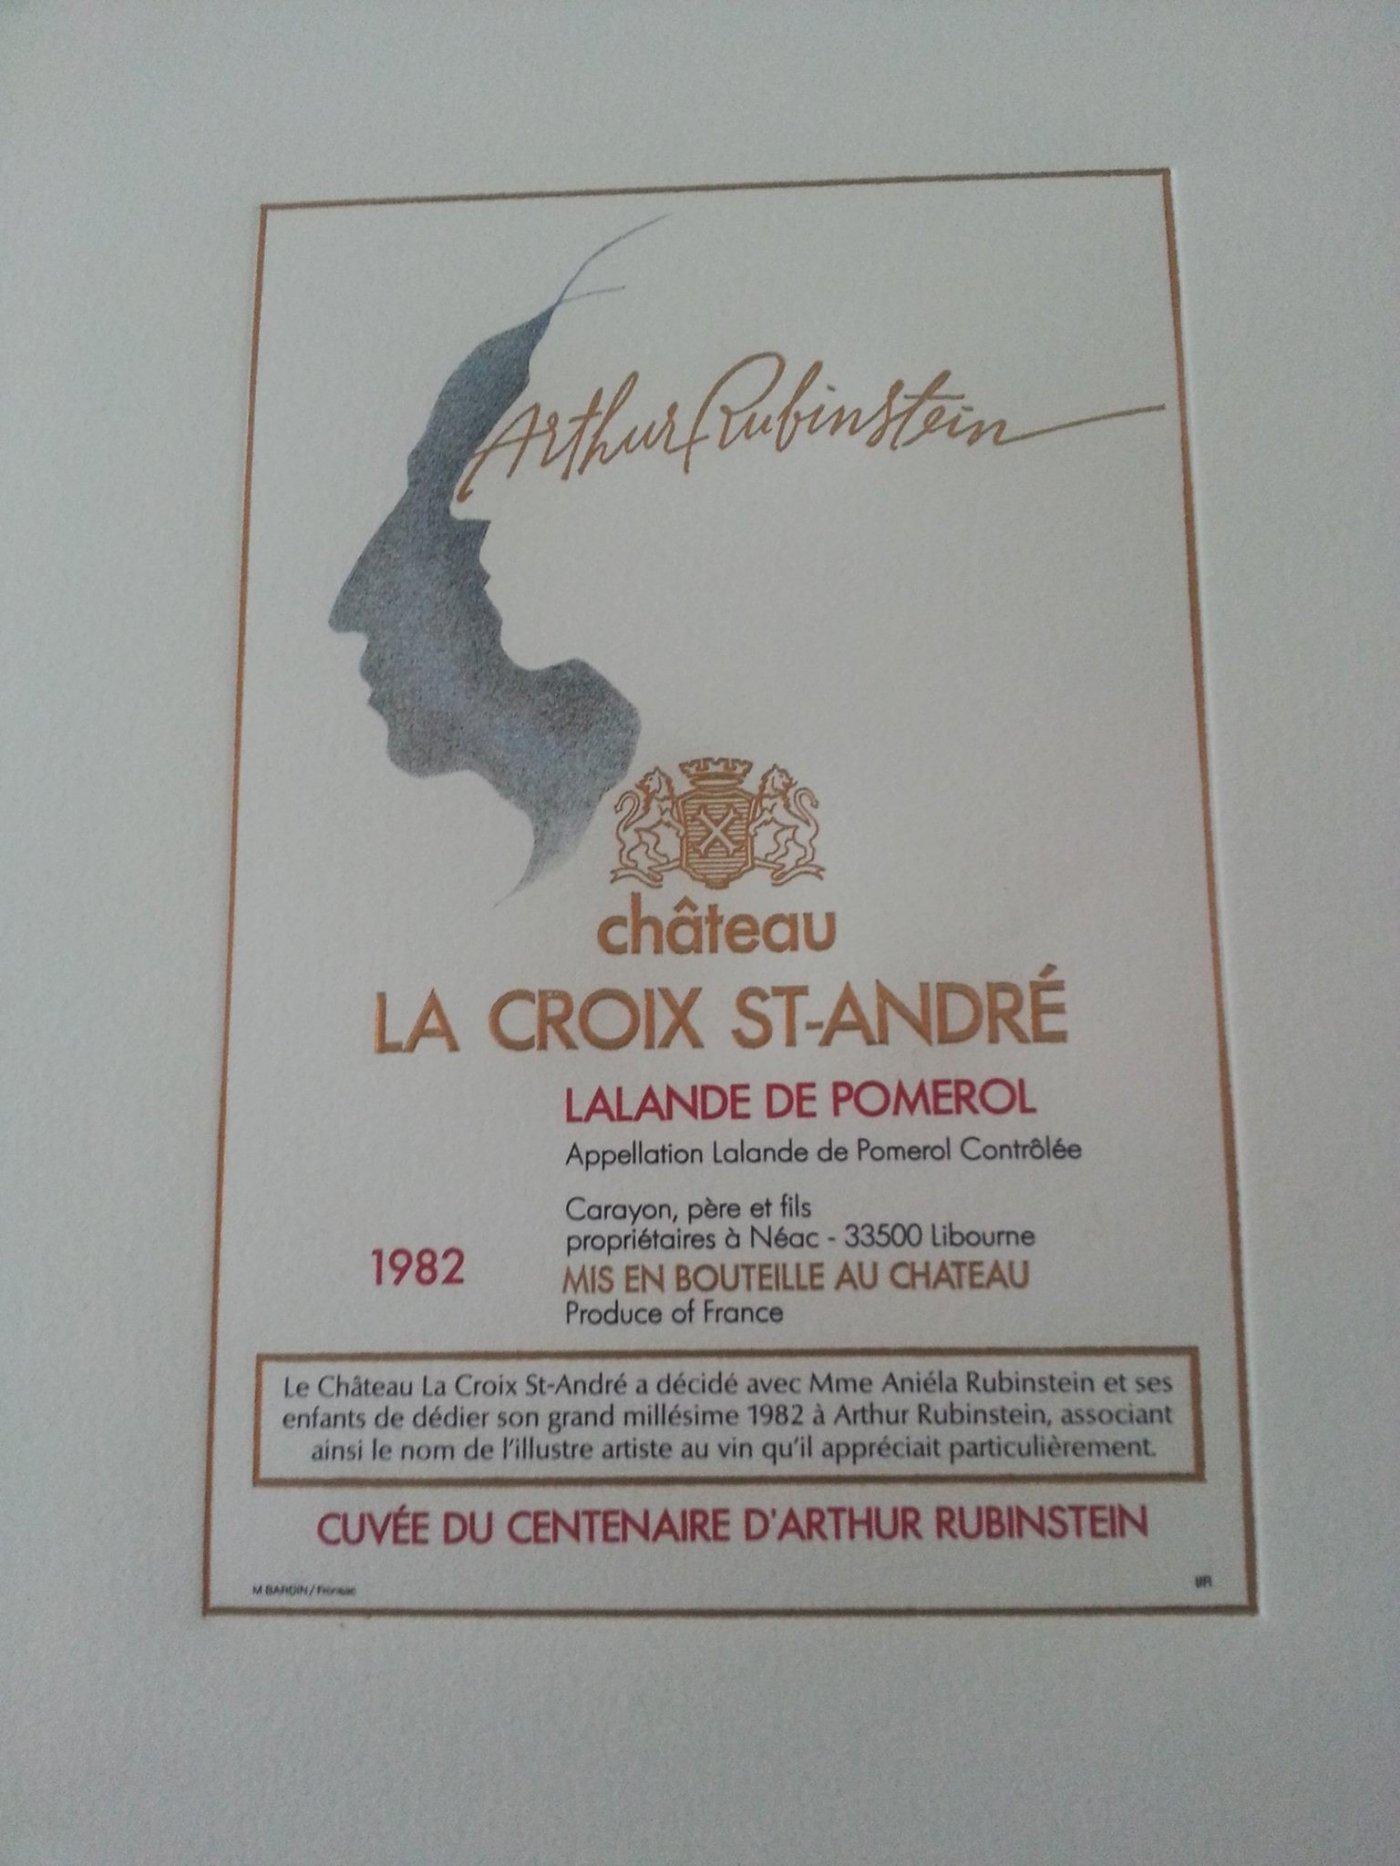 chateau-croix-saint-andre-millesime-1982-est-dedie-a-memoire-du-pianiste-arthur-rubinstein-classait-vin-parmi-ses-preferes